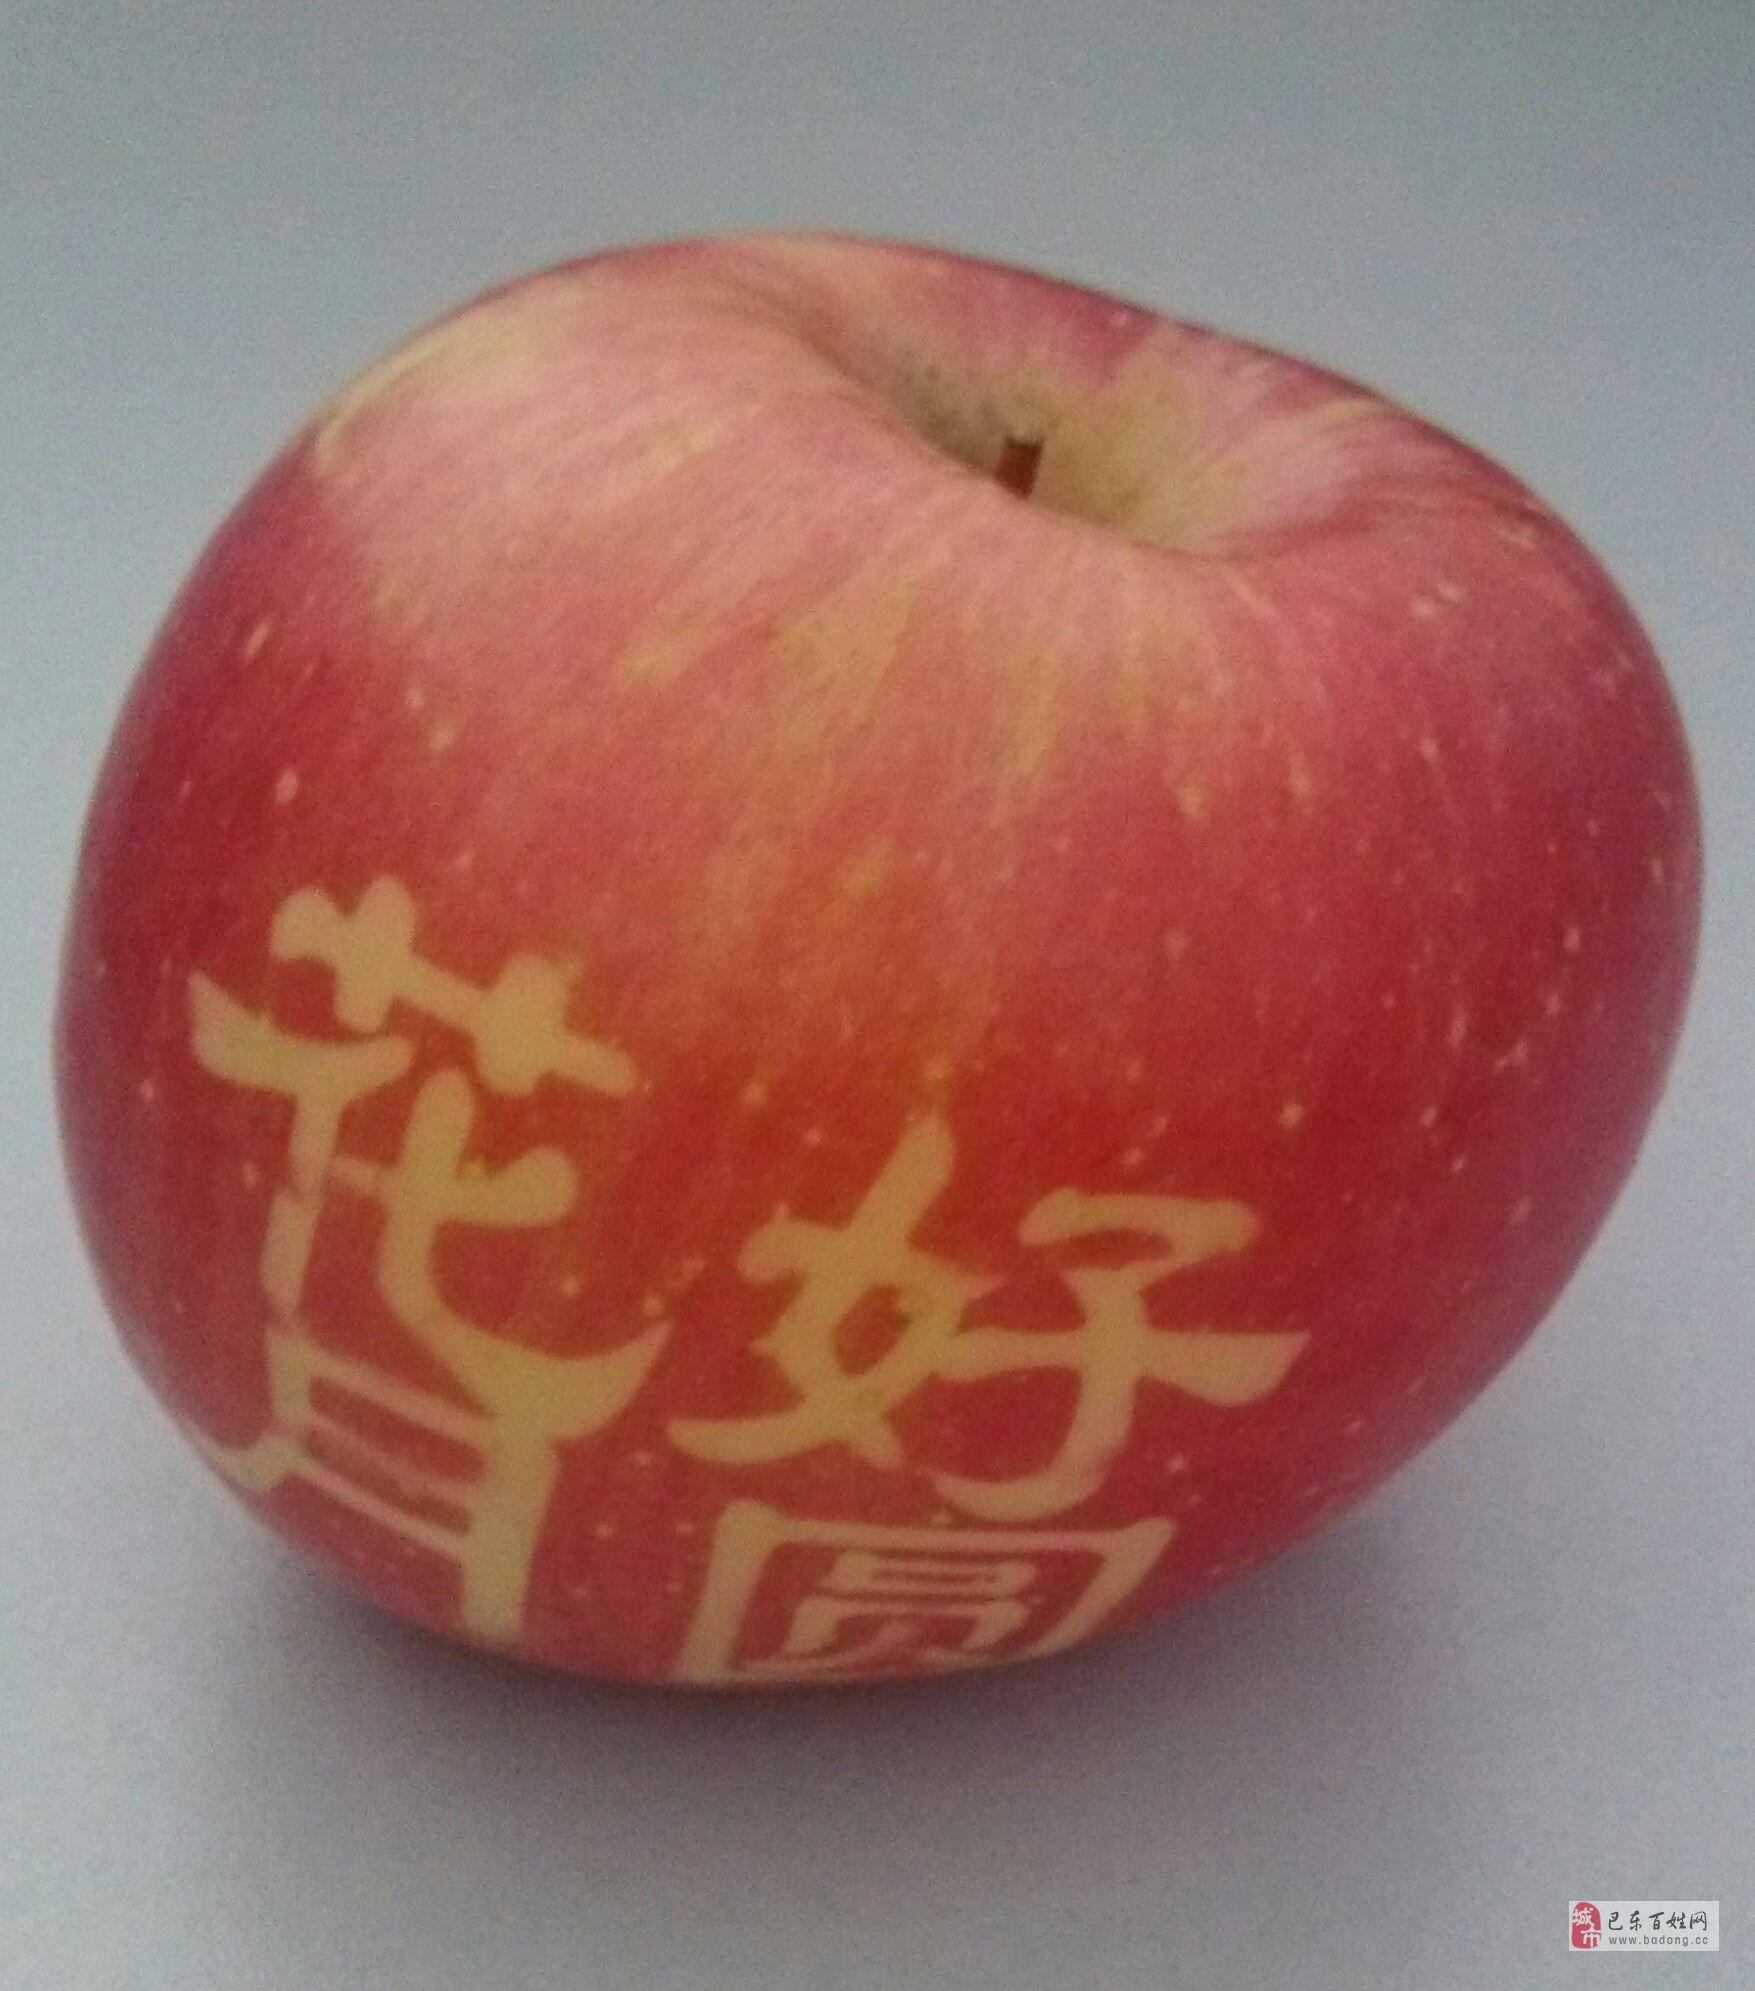 平安夜你吃苹果了吗?_百姓活动_巴东论坛_巴